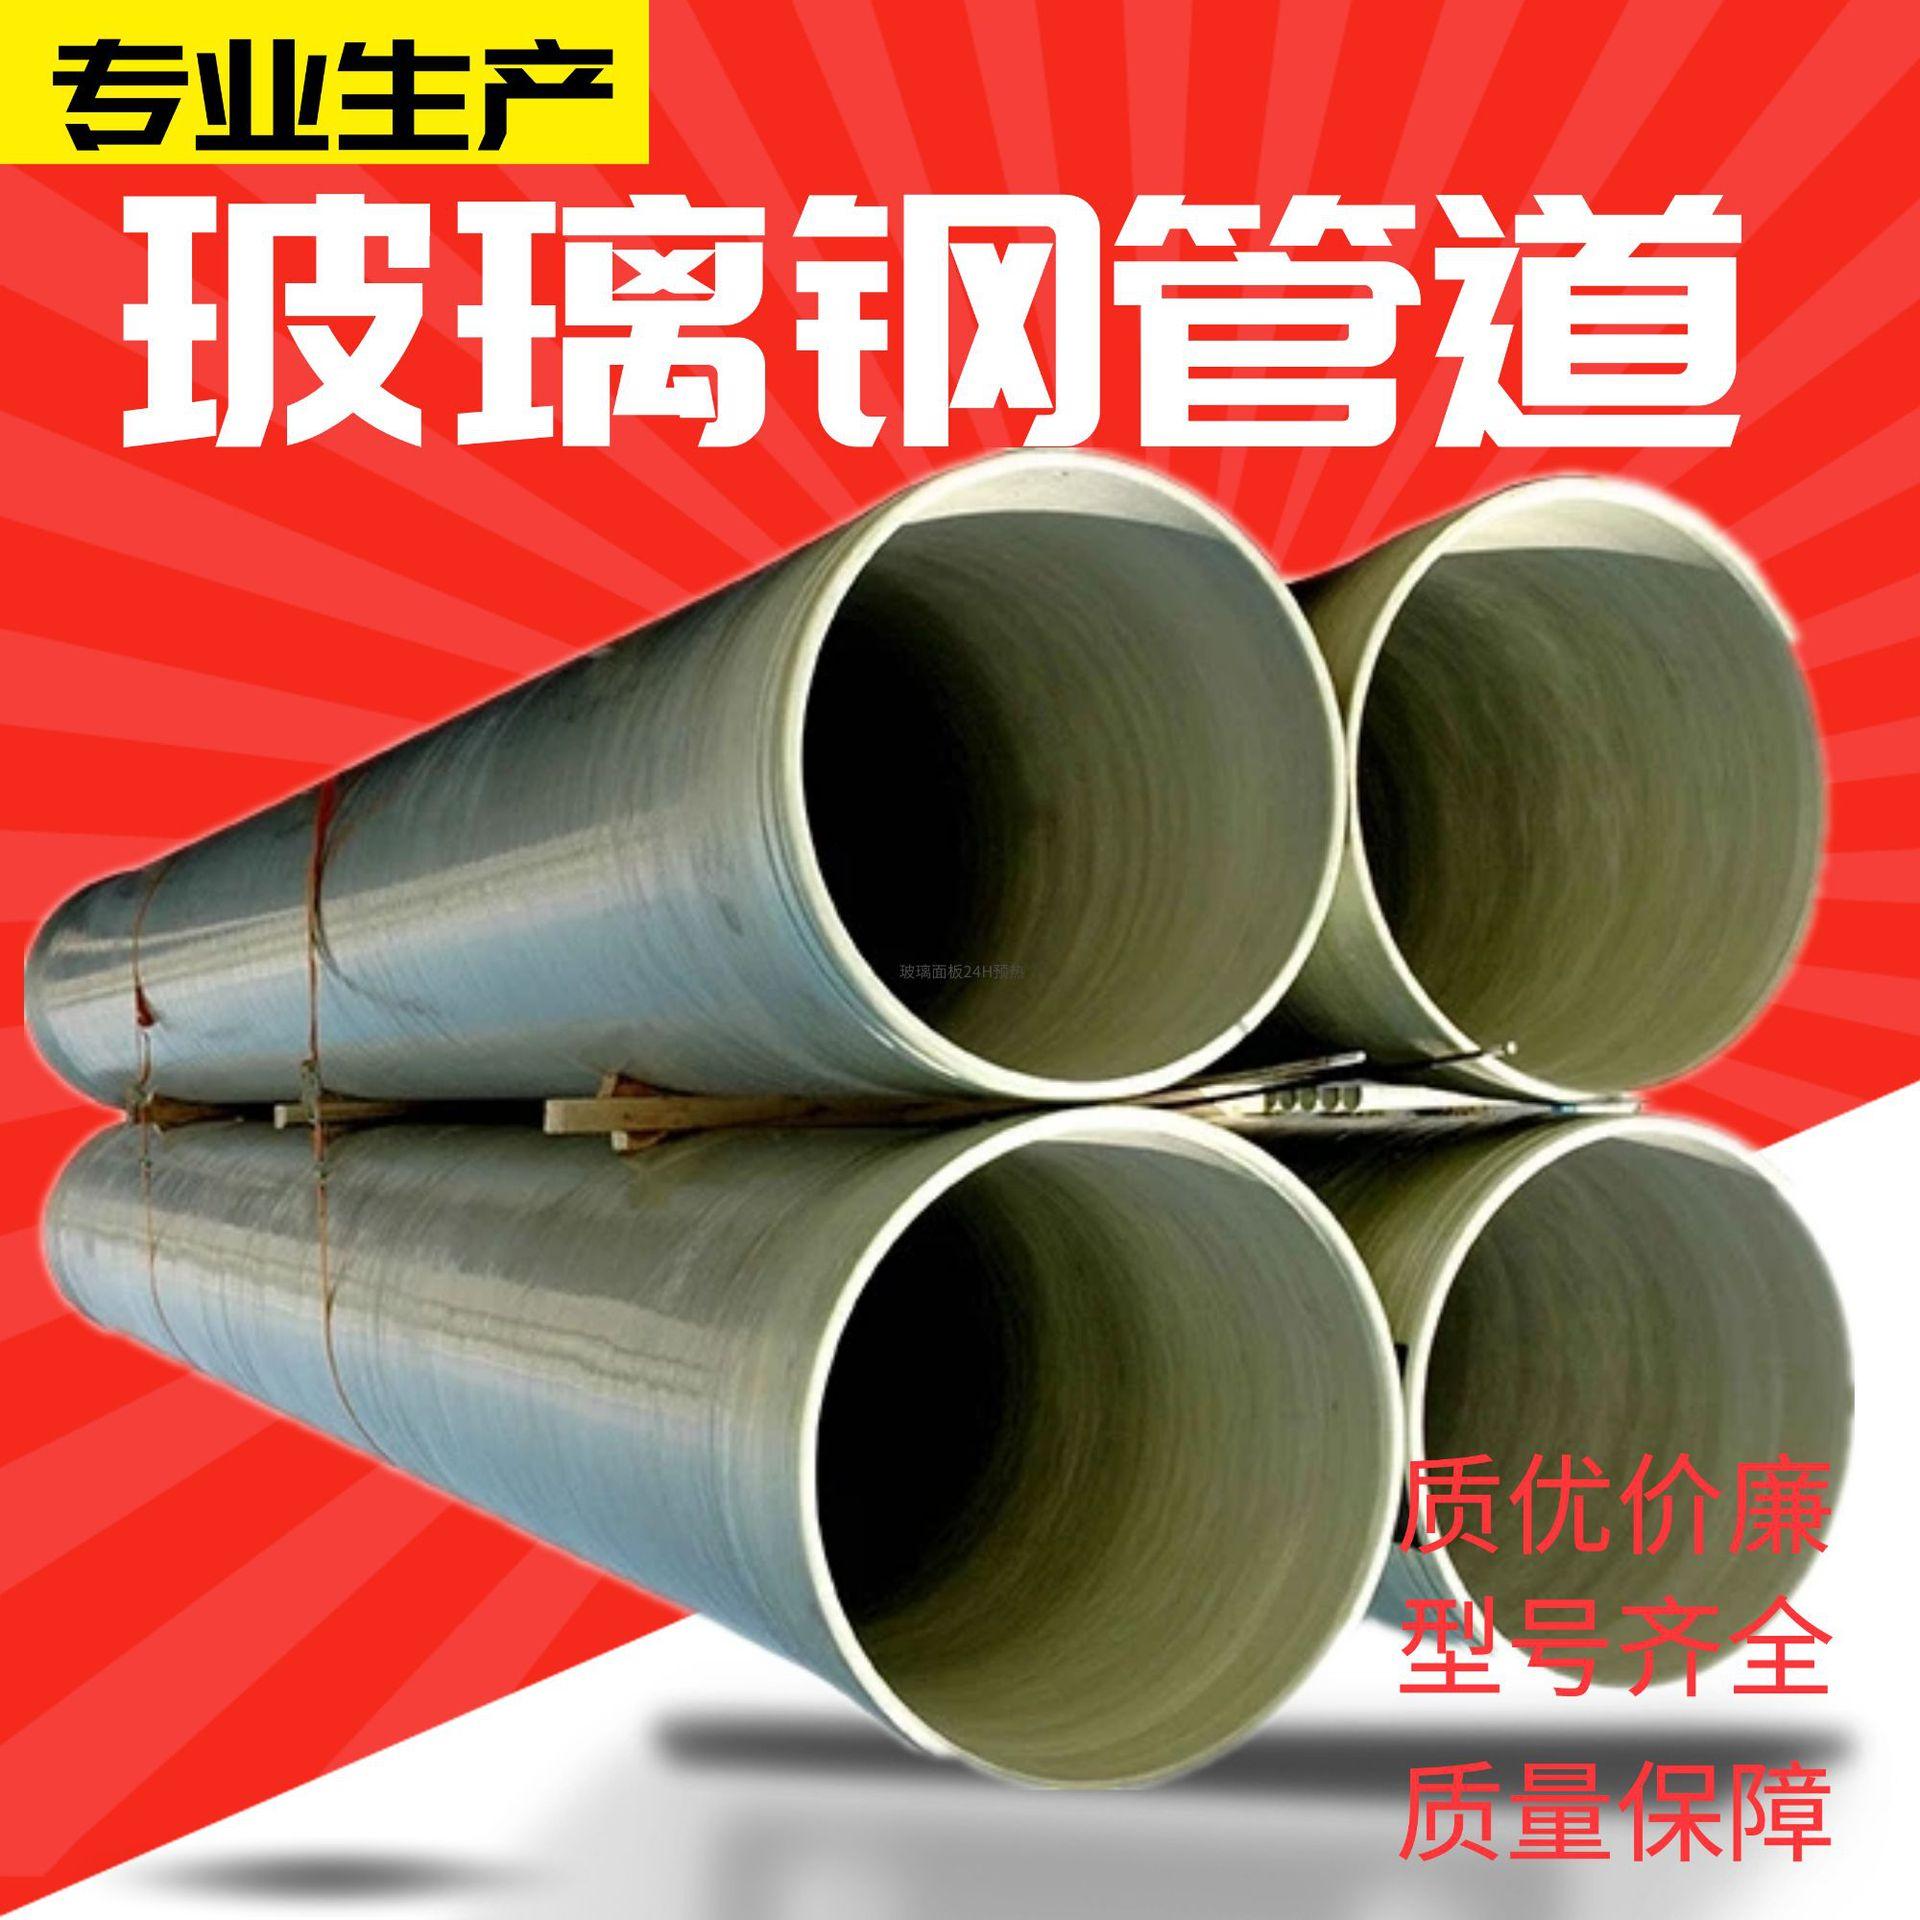 专业生产玻璃钢夹砂管道排水管道压力管道通风管道 污水管道